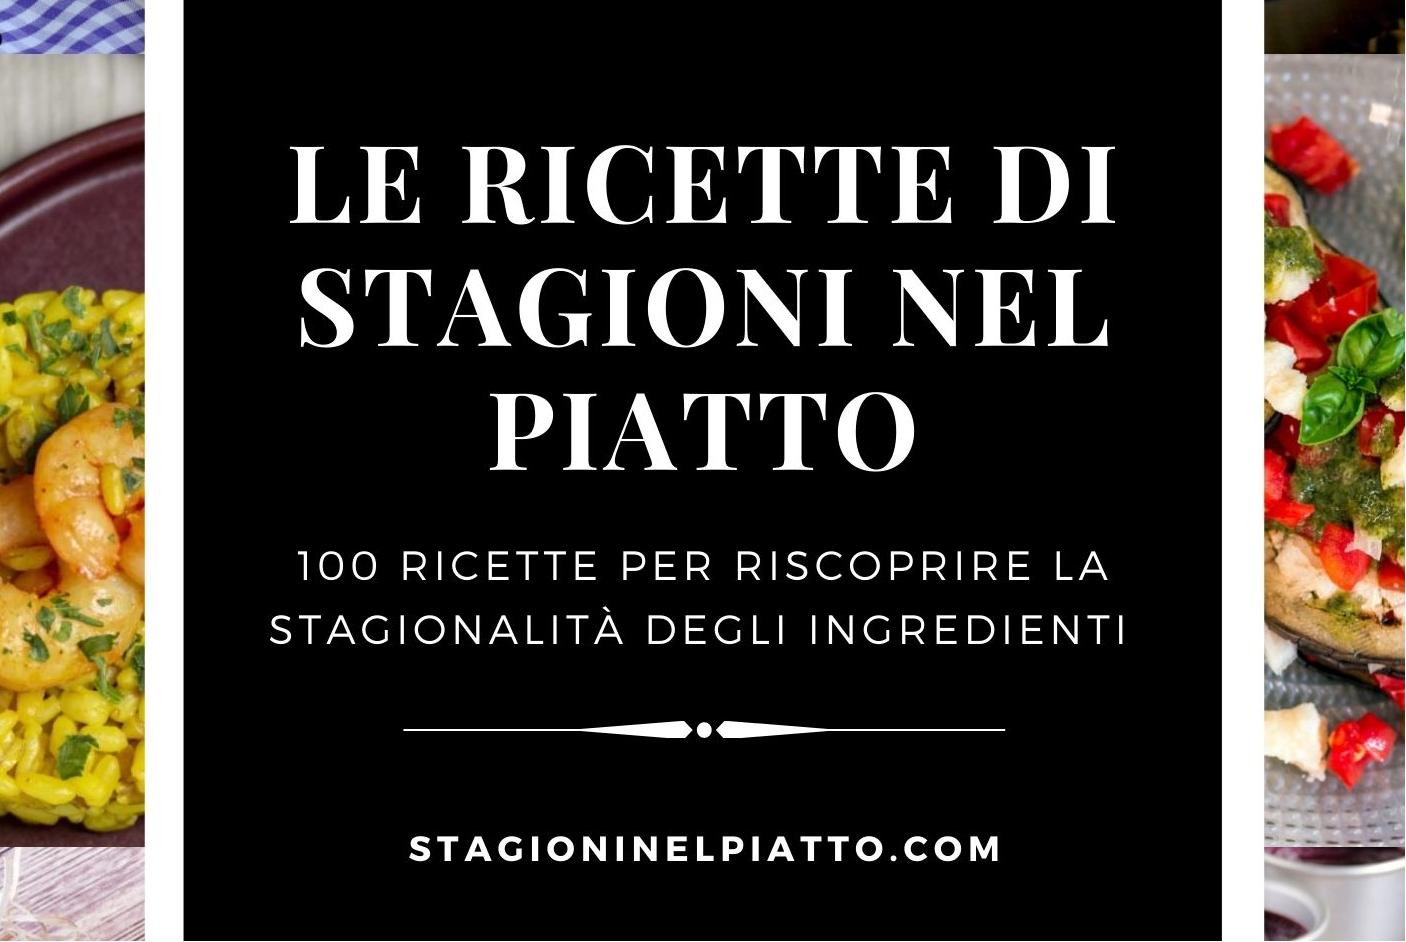 SCARICA GRATIS IL NOSTRO PRIMO RICETTARIO IN PDF!